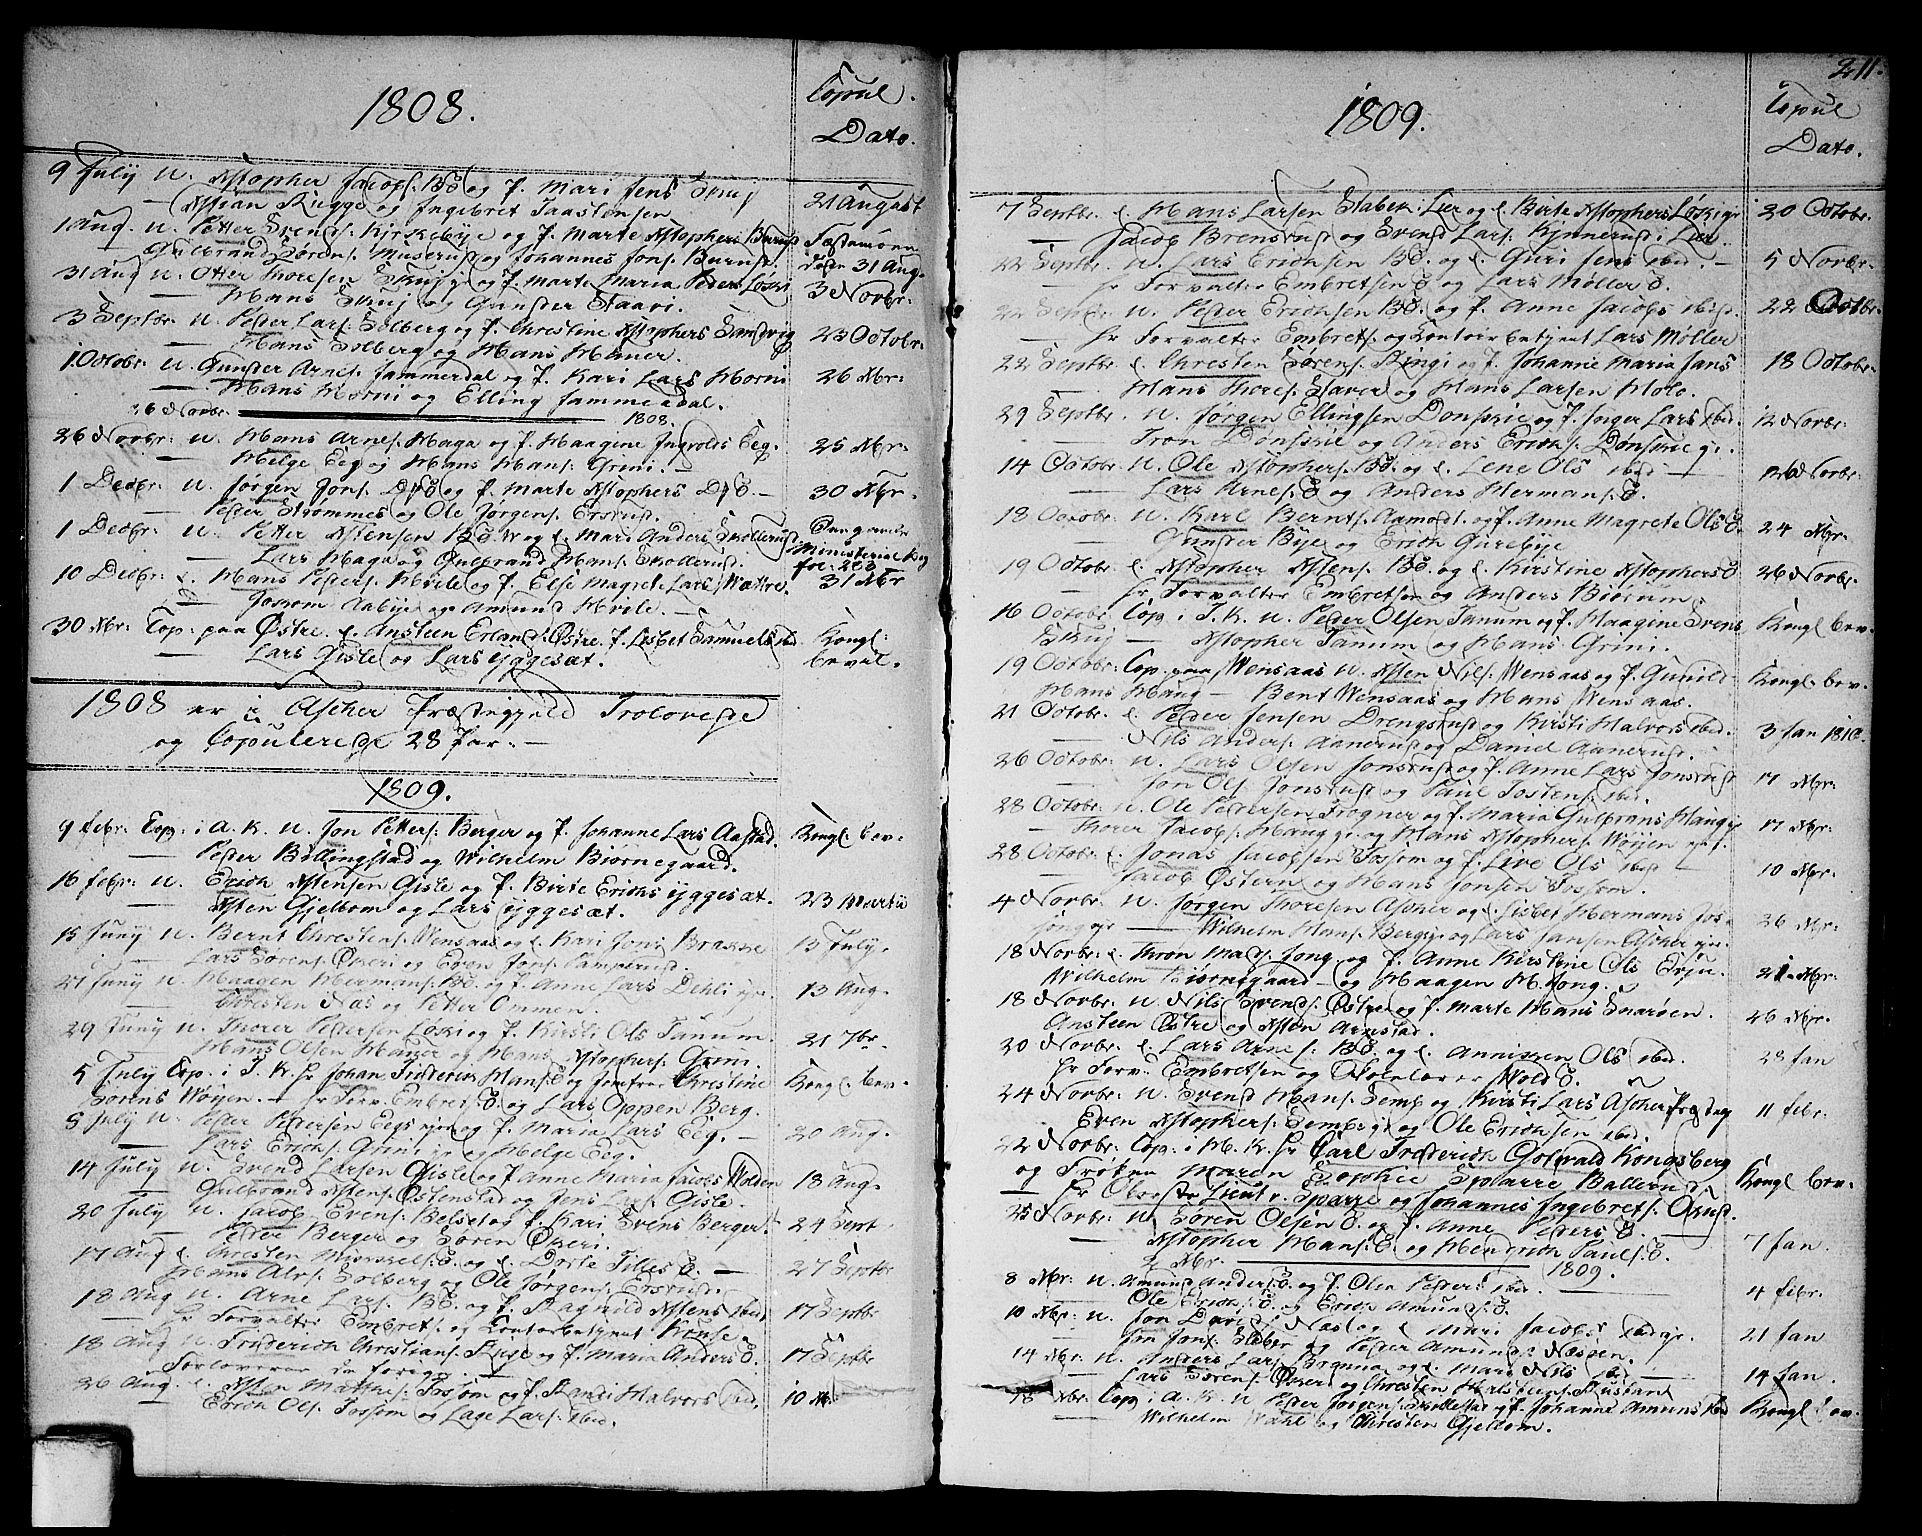 SAO, Asker prestekontor Kirkebøker, F/Fa/L0005: Ministerialbok nr. I 5, 1807-1813, s. 211